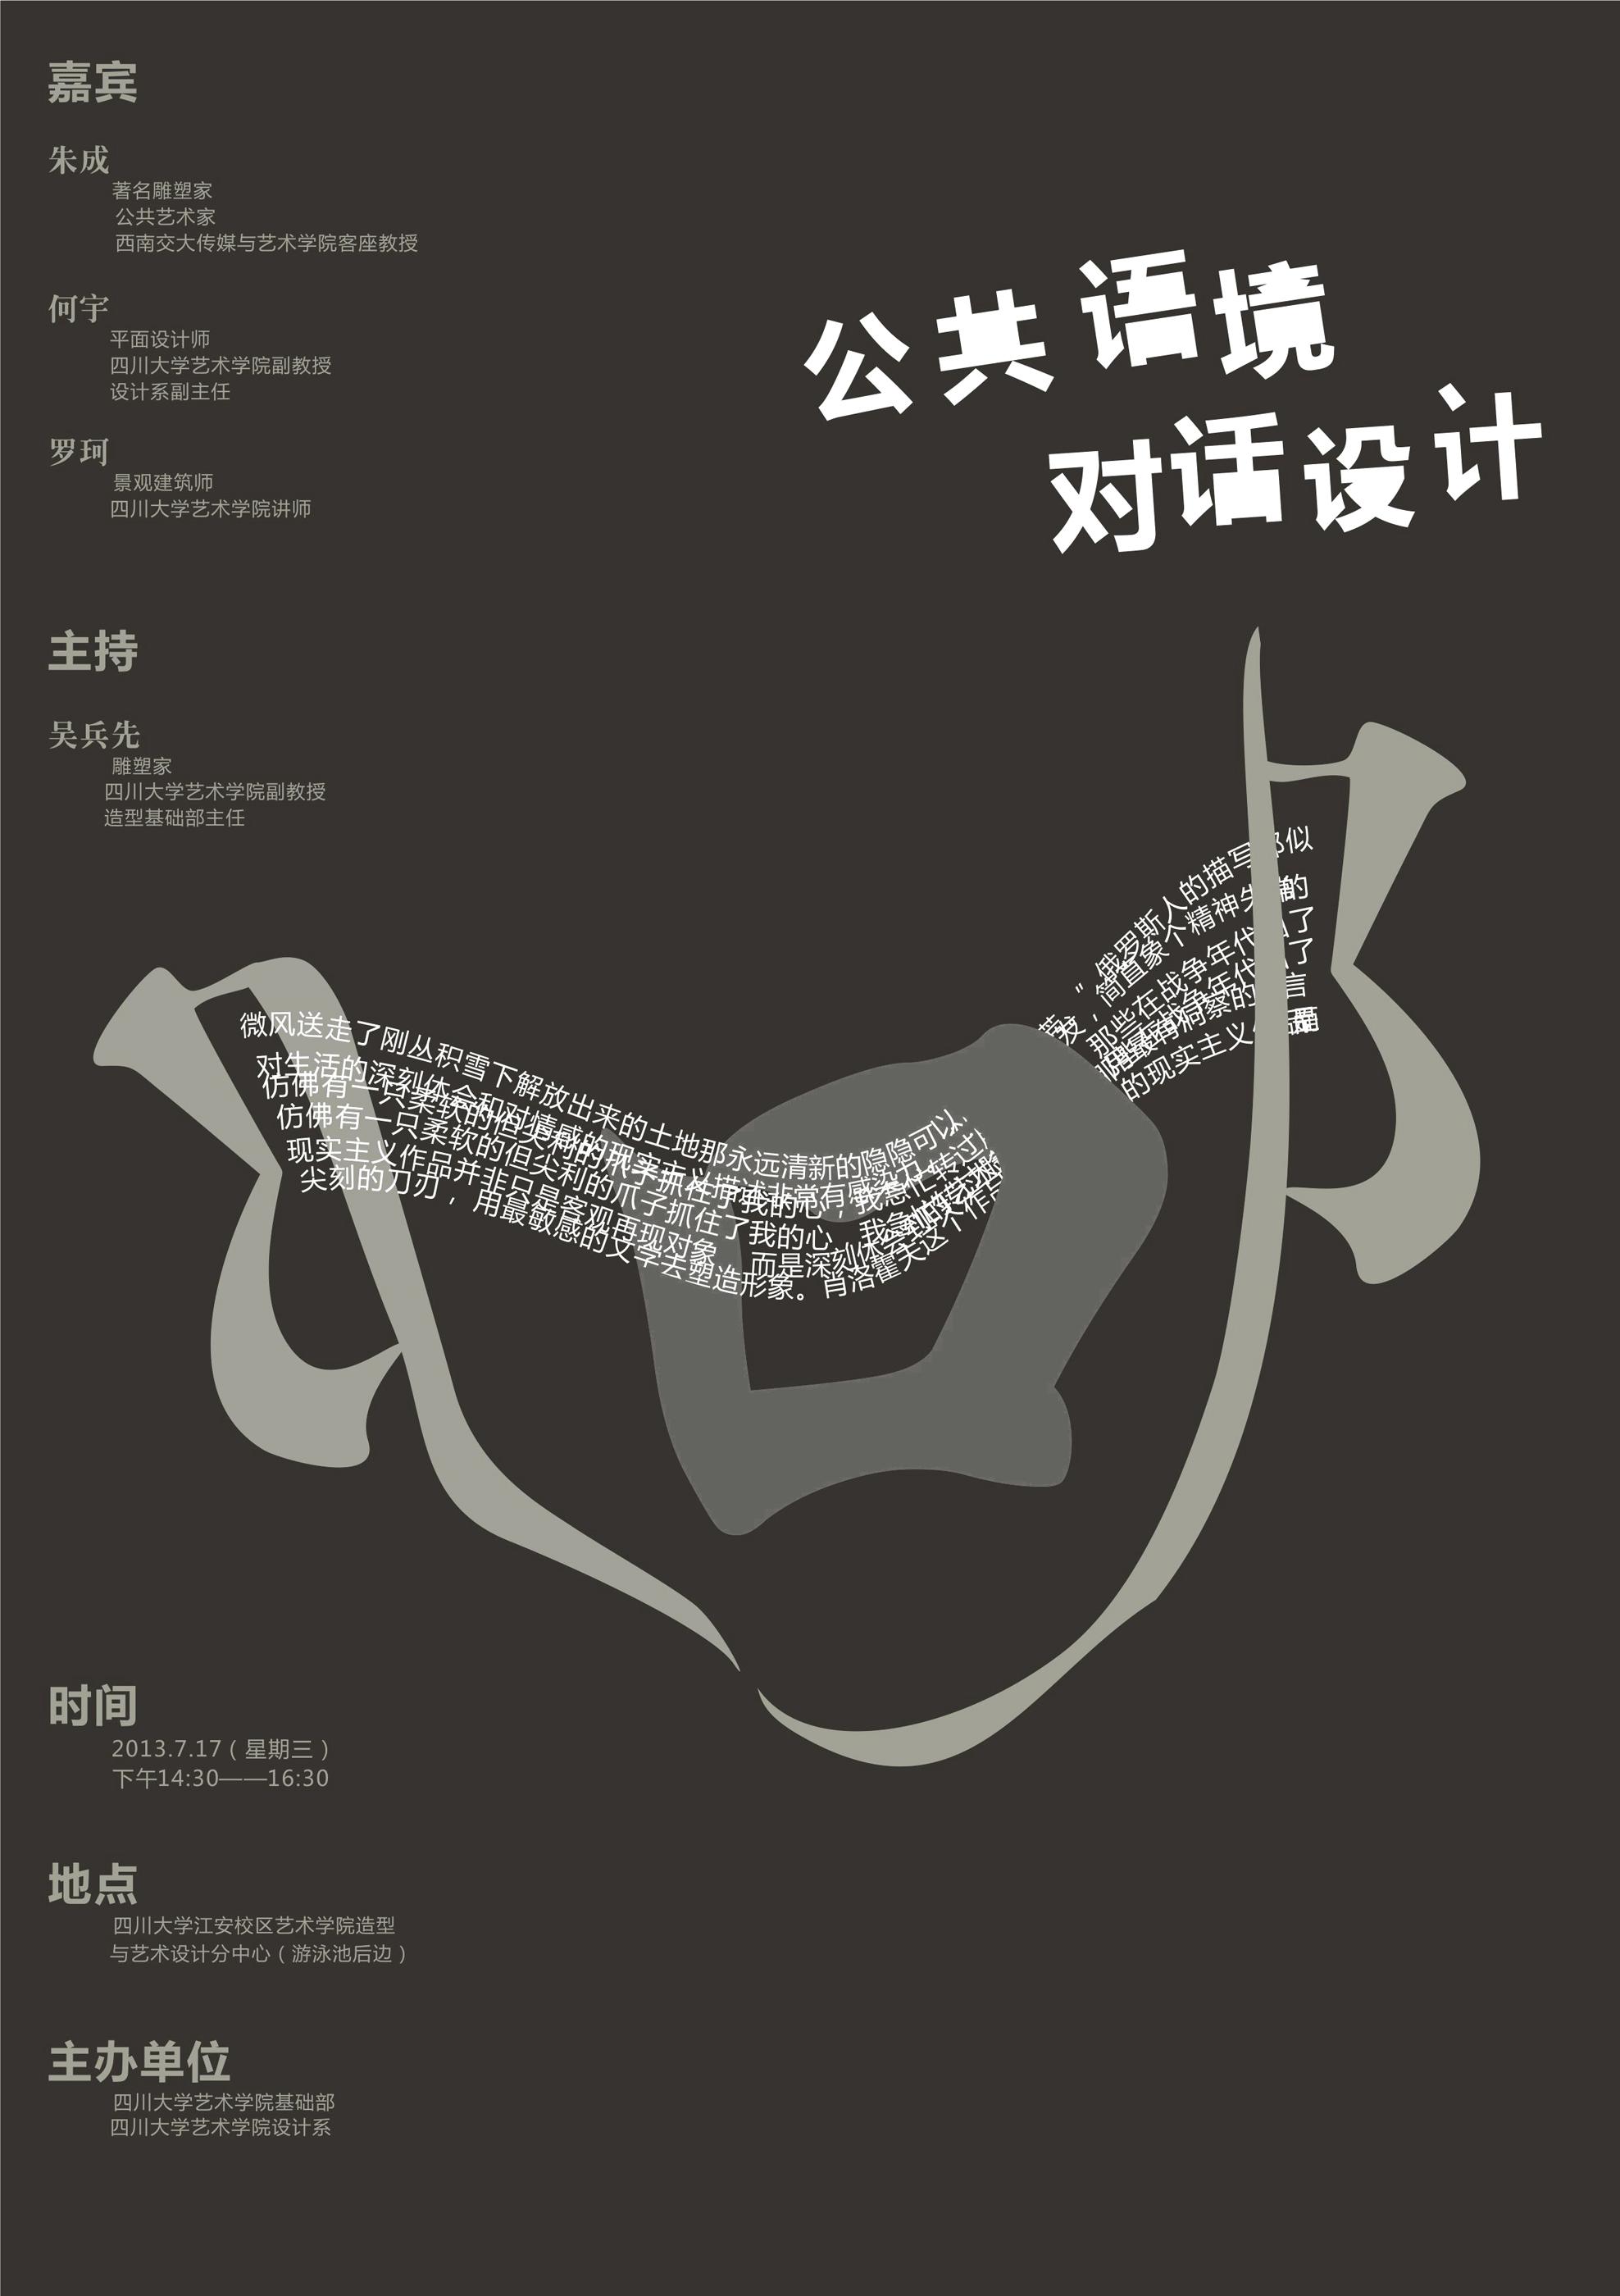 公共语境·对话设计讲座海报